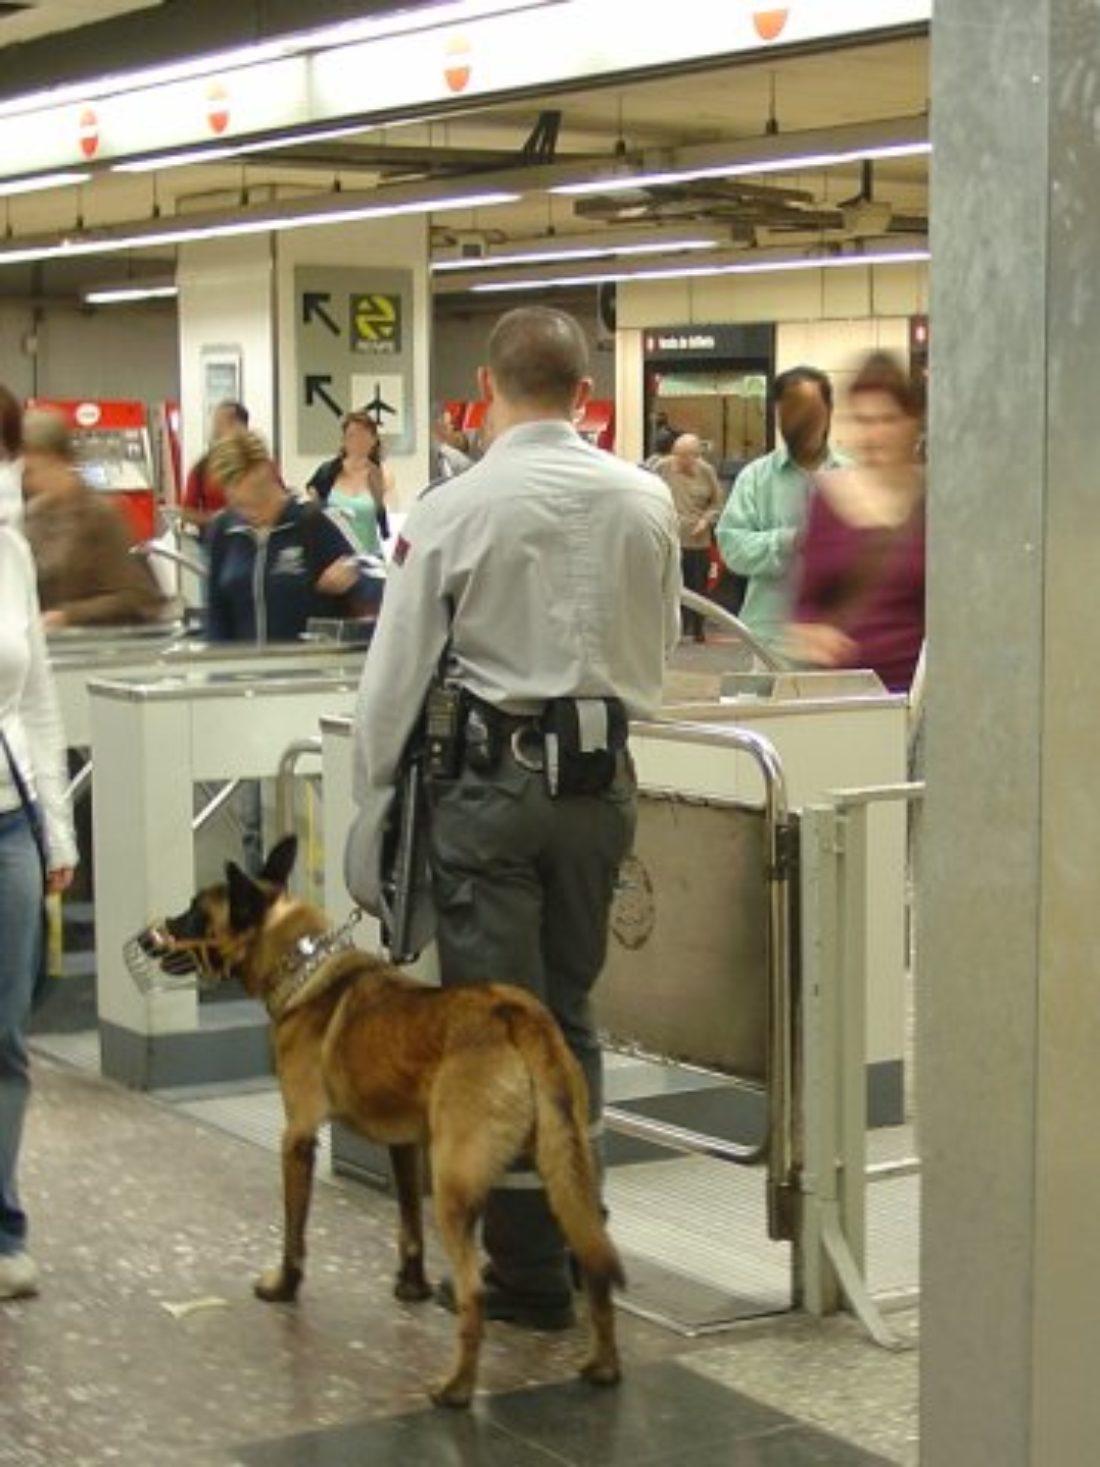 Madrid, otro inmigrante apaleado por guardias del metro. Convocan manifestación de protesta.